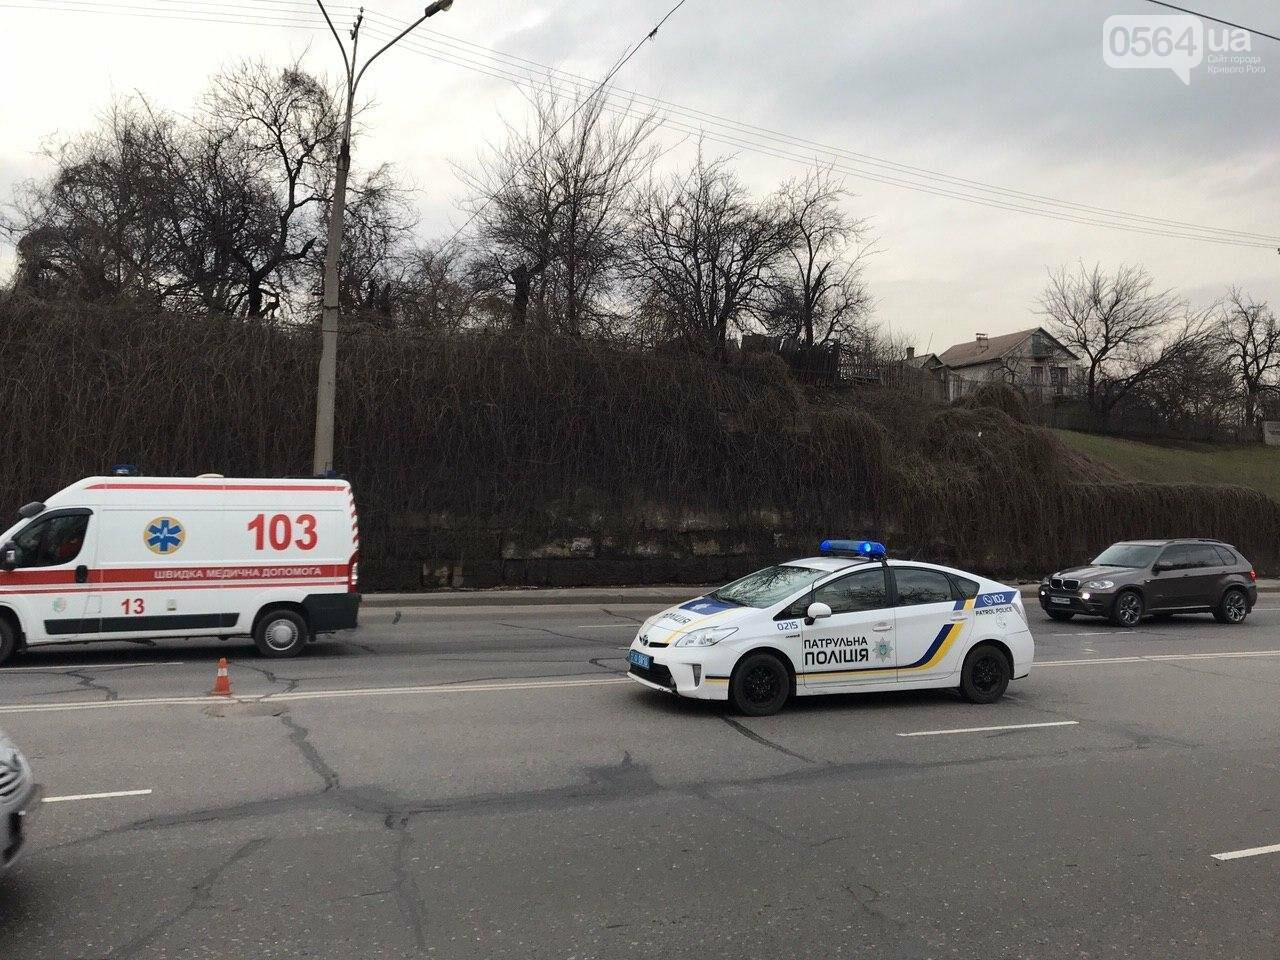 В Кривом Роге легковой автомобиль сбил подростка, который выскочил на дорогу, - ФОТО , фото-11